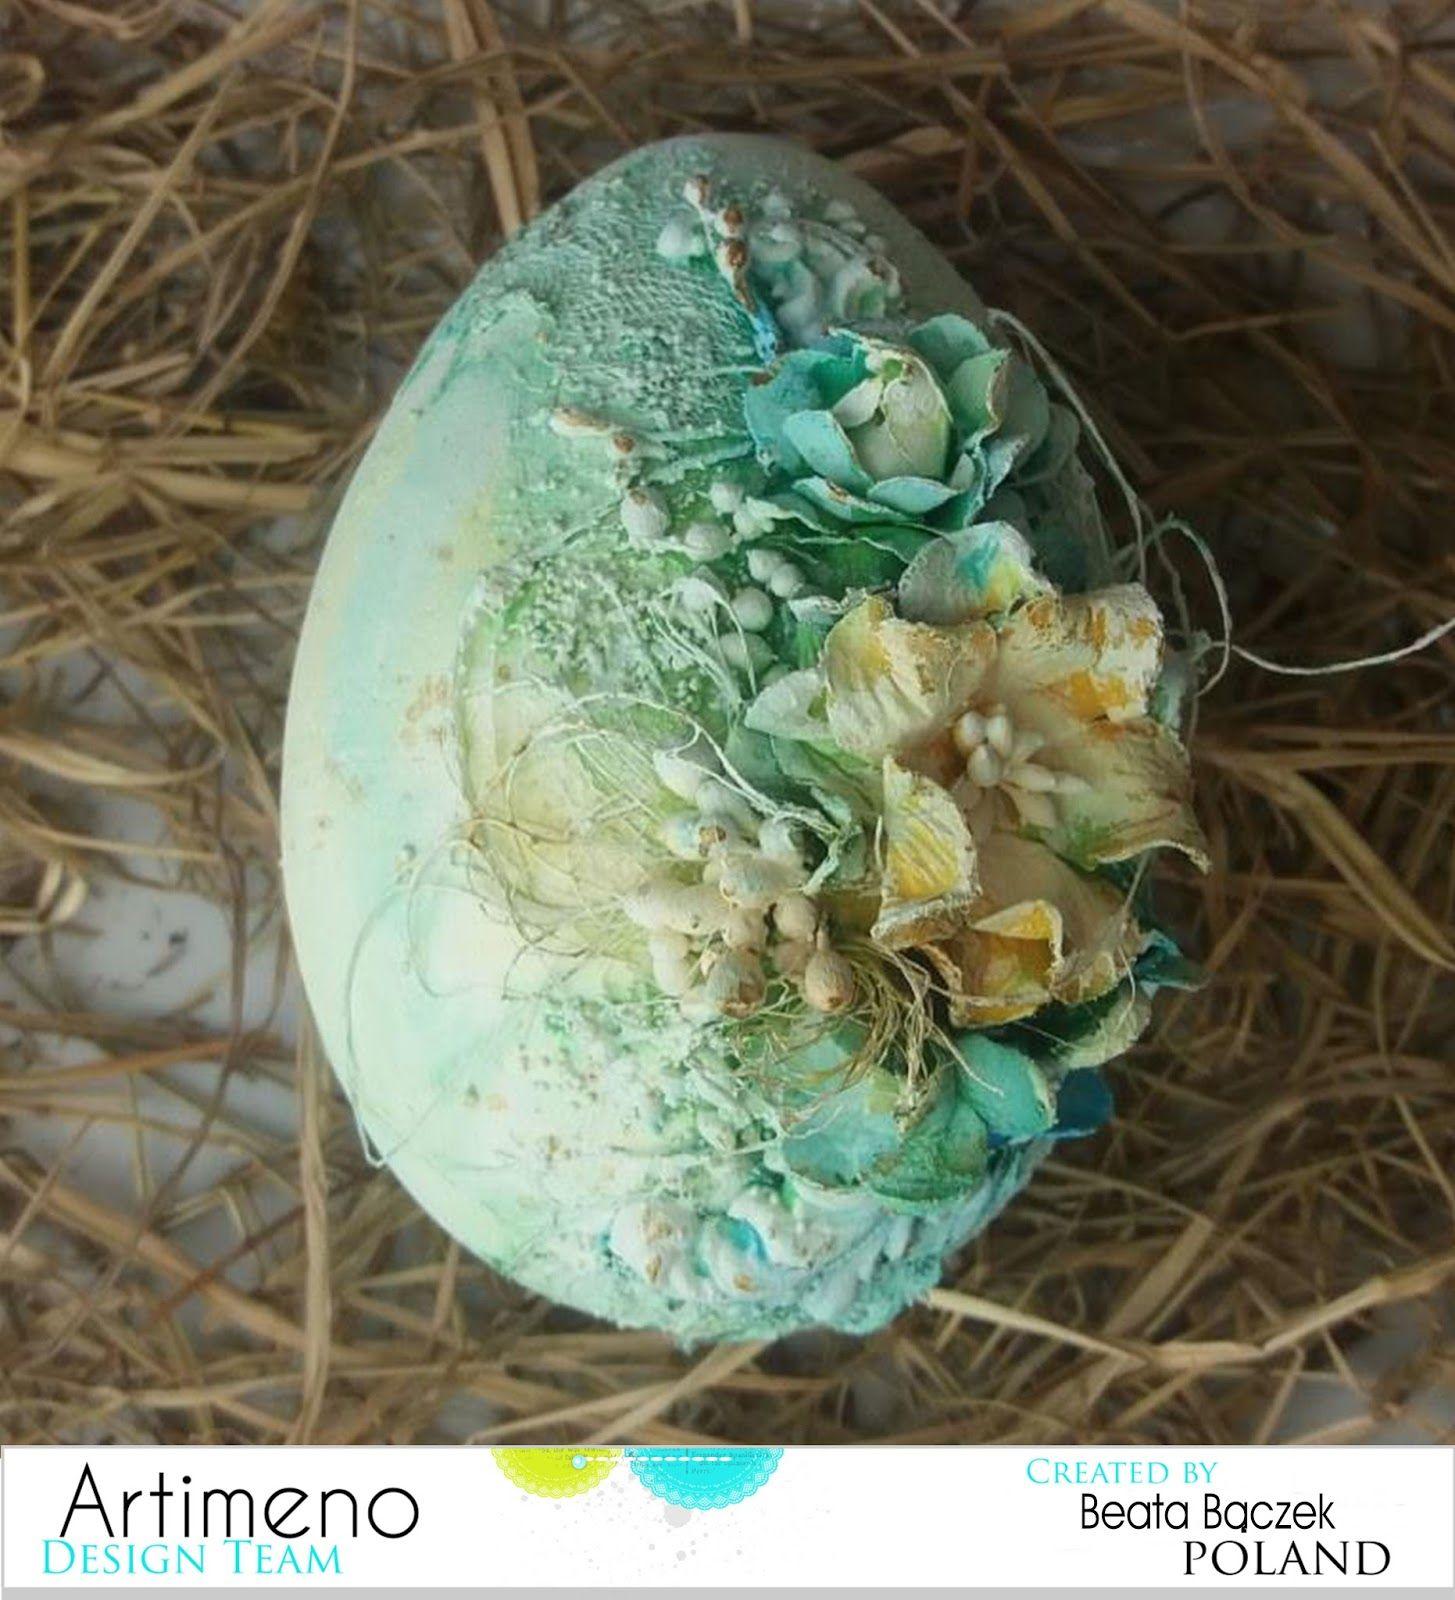 Witajcie Tak Jest Nadszedl Dla Mnie Dzien Proby Mam Treme Ale Do Boju Oto Moja Pierwsza Inspiracja Dla Was Jako Egg Shell Art Easter Crafts Easter Eggs